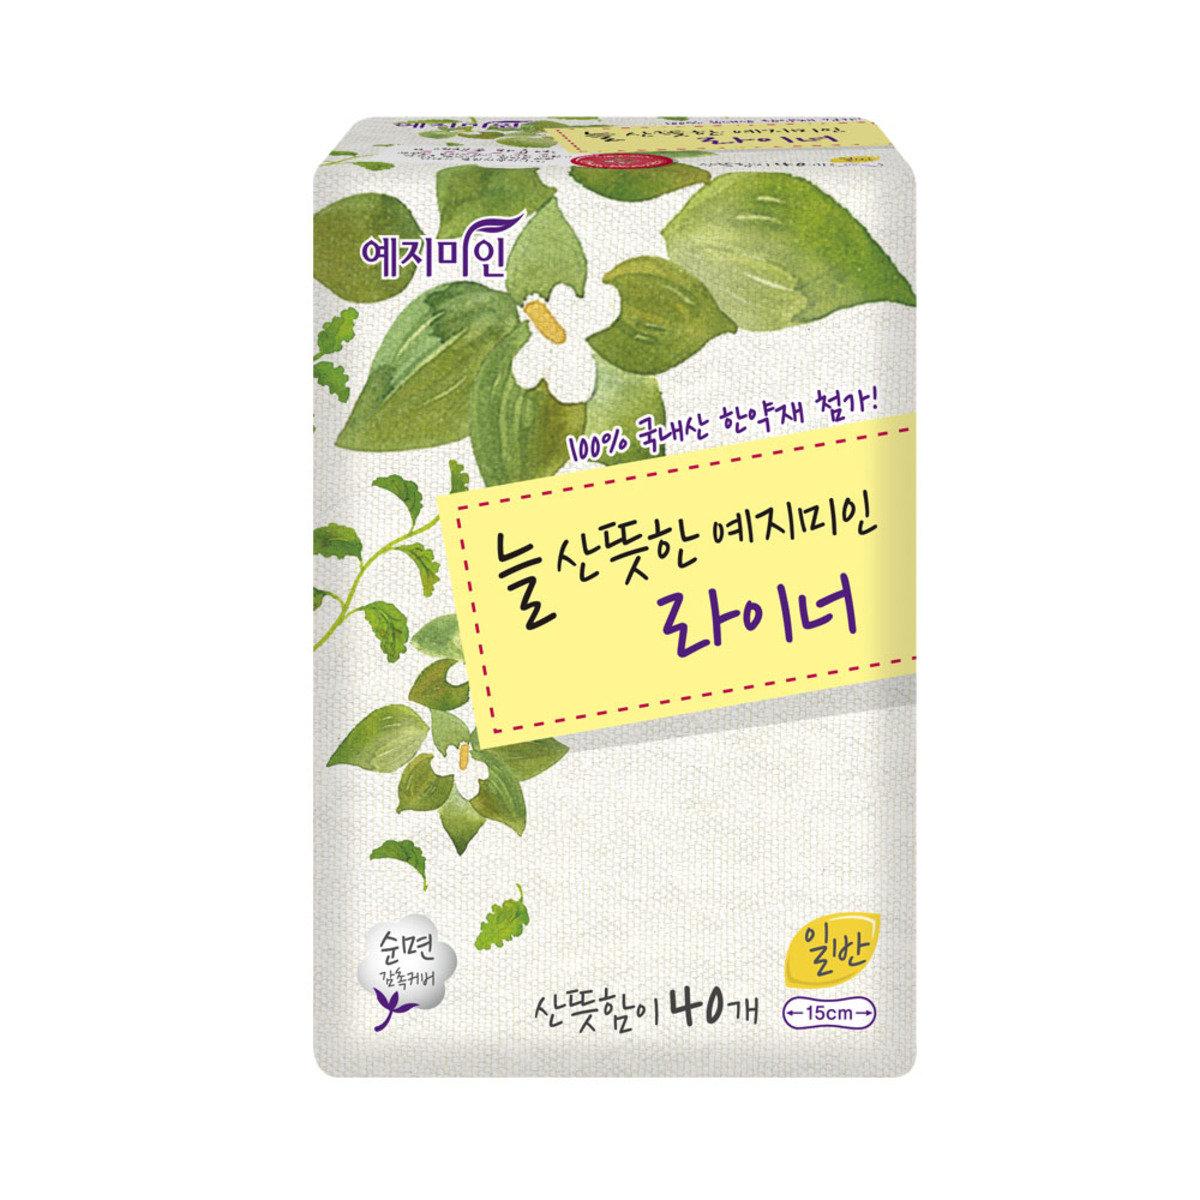 韓國漢方護墊 - 棉柔淡香 15CM 40片裝